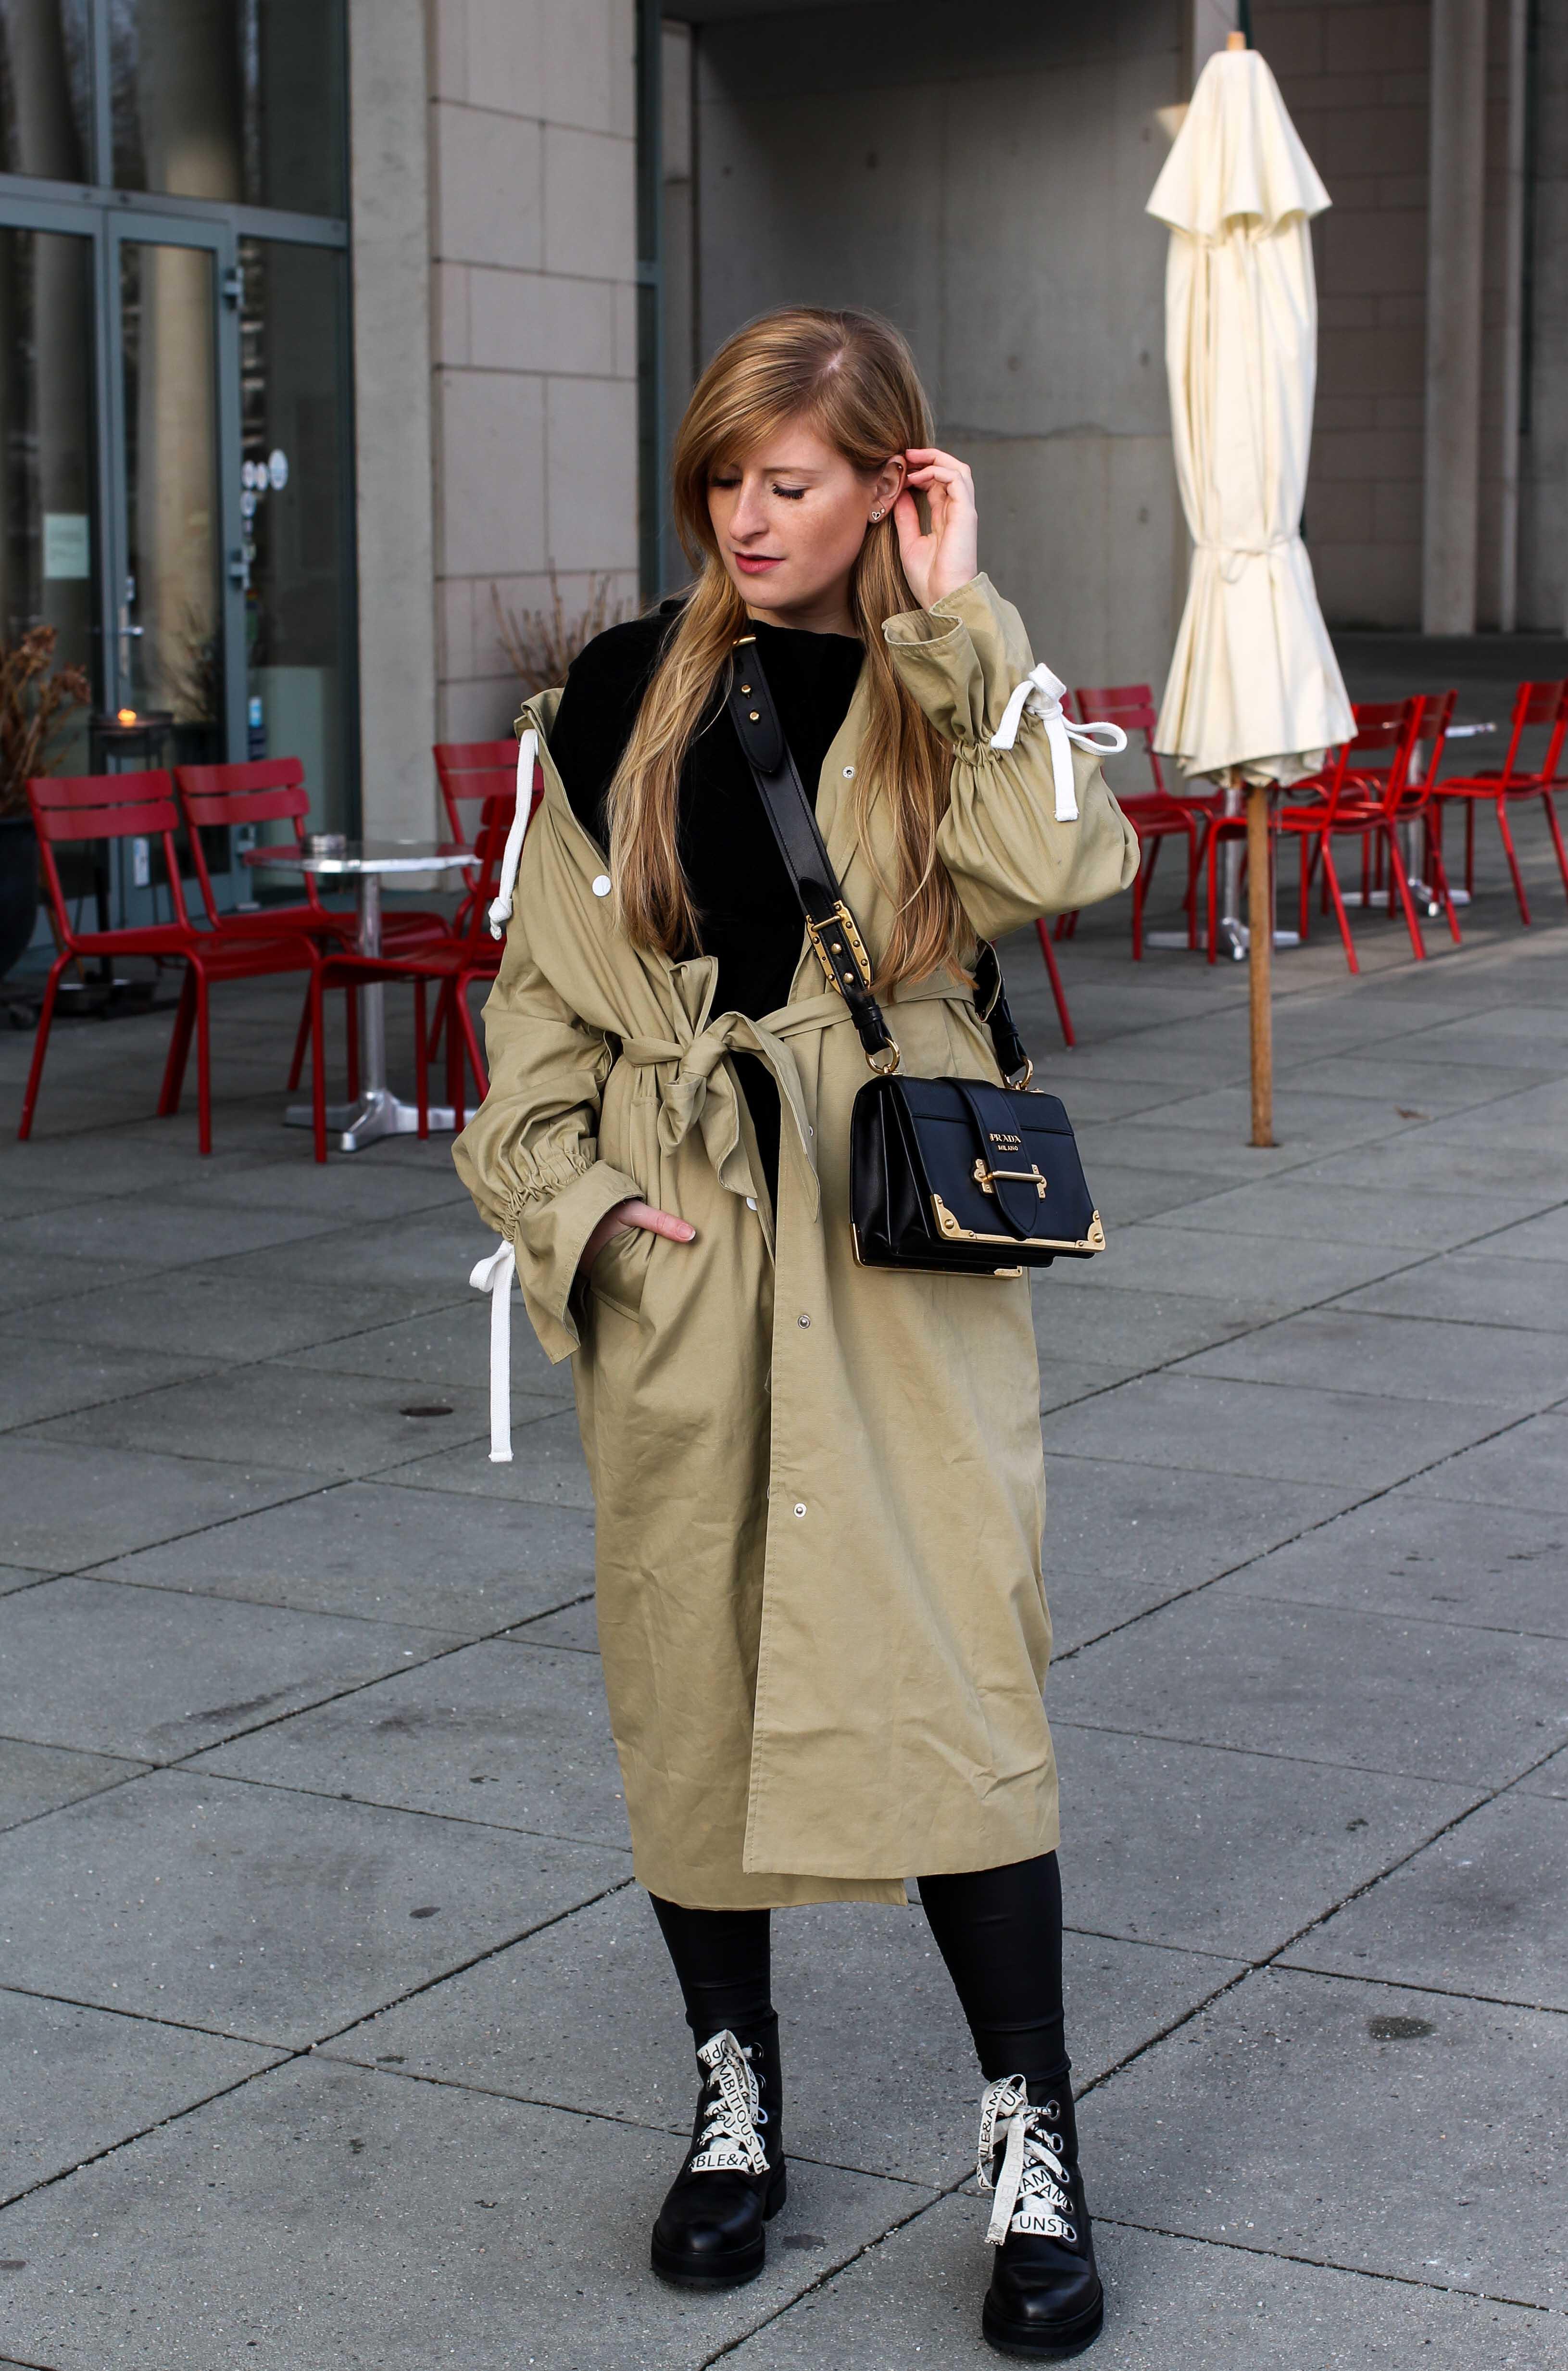 Trenchcoat Edited Marisa Prada Cahier bag Schnürboots Zara Modeblog Bonn Trenchcoat kombinieren Streetstyle 1